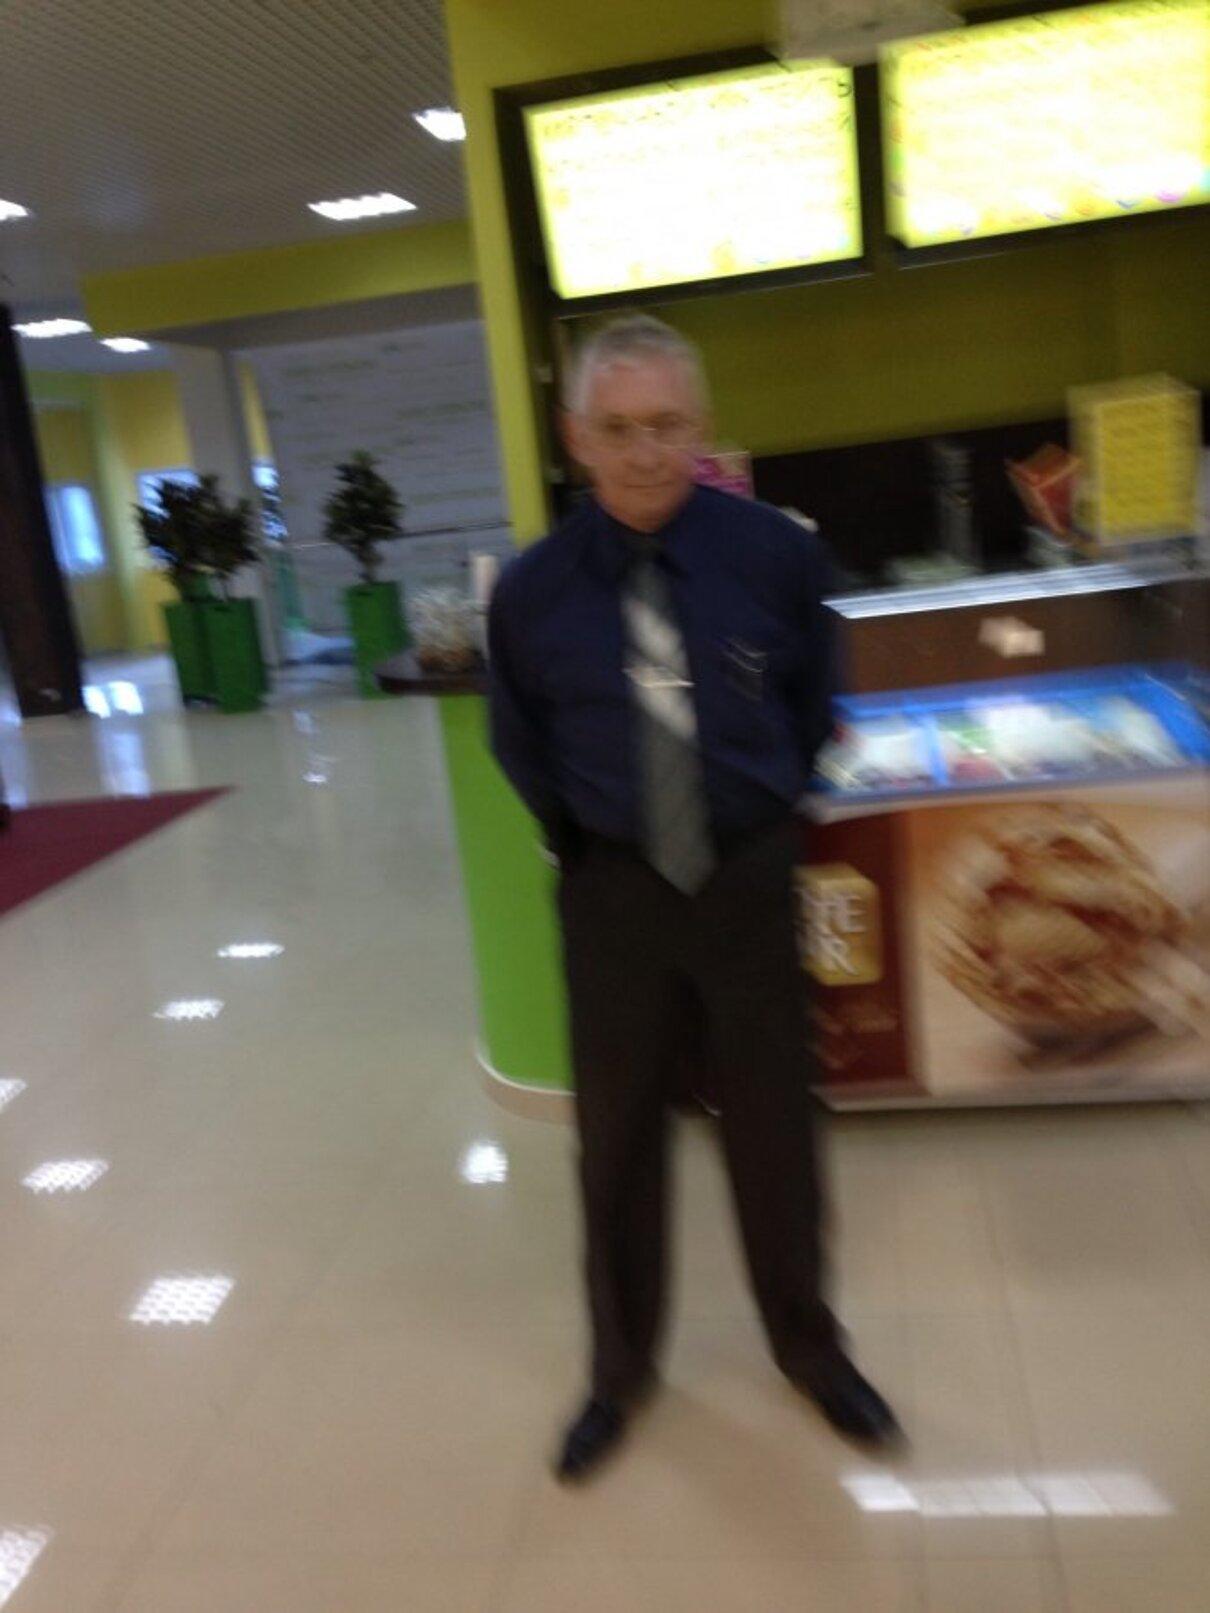 """Жалоба-отзыв: ТЦ """"Новая Дача"""" - Неадекватное поведение охранника.  Фото №1"""